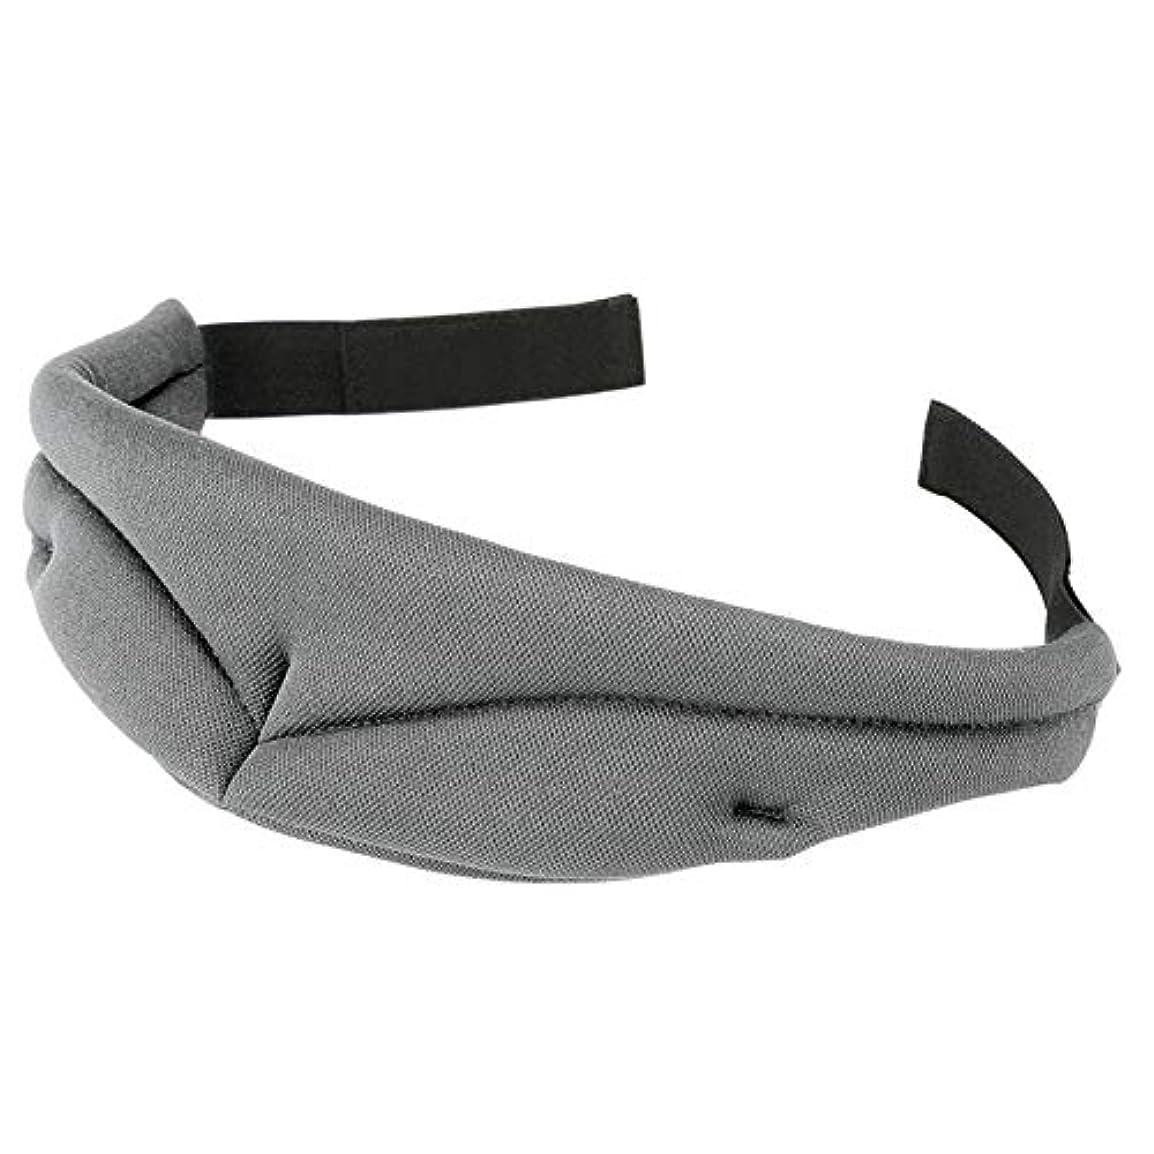 文明影のあるポータブルNOTE 高級3d睡眠マスク高速睡眠アイマスク旅行残りアイシェードカバーシェードアイパッチソフトポータブル目隠しエイドアイリラックス